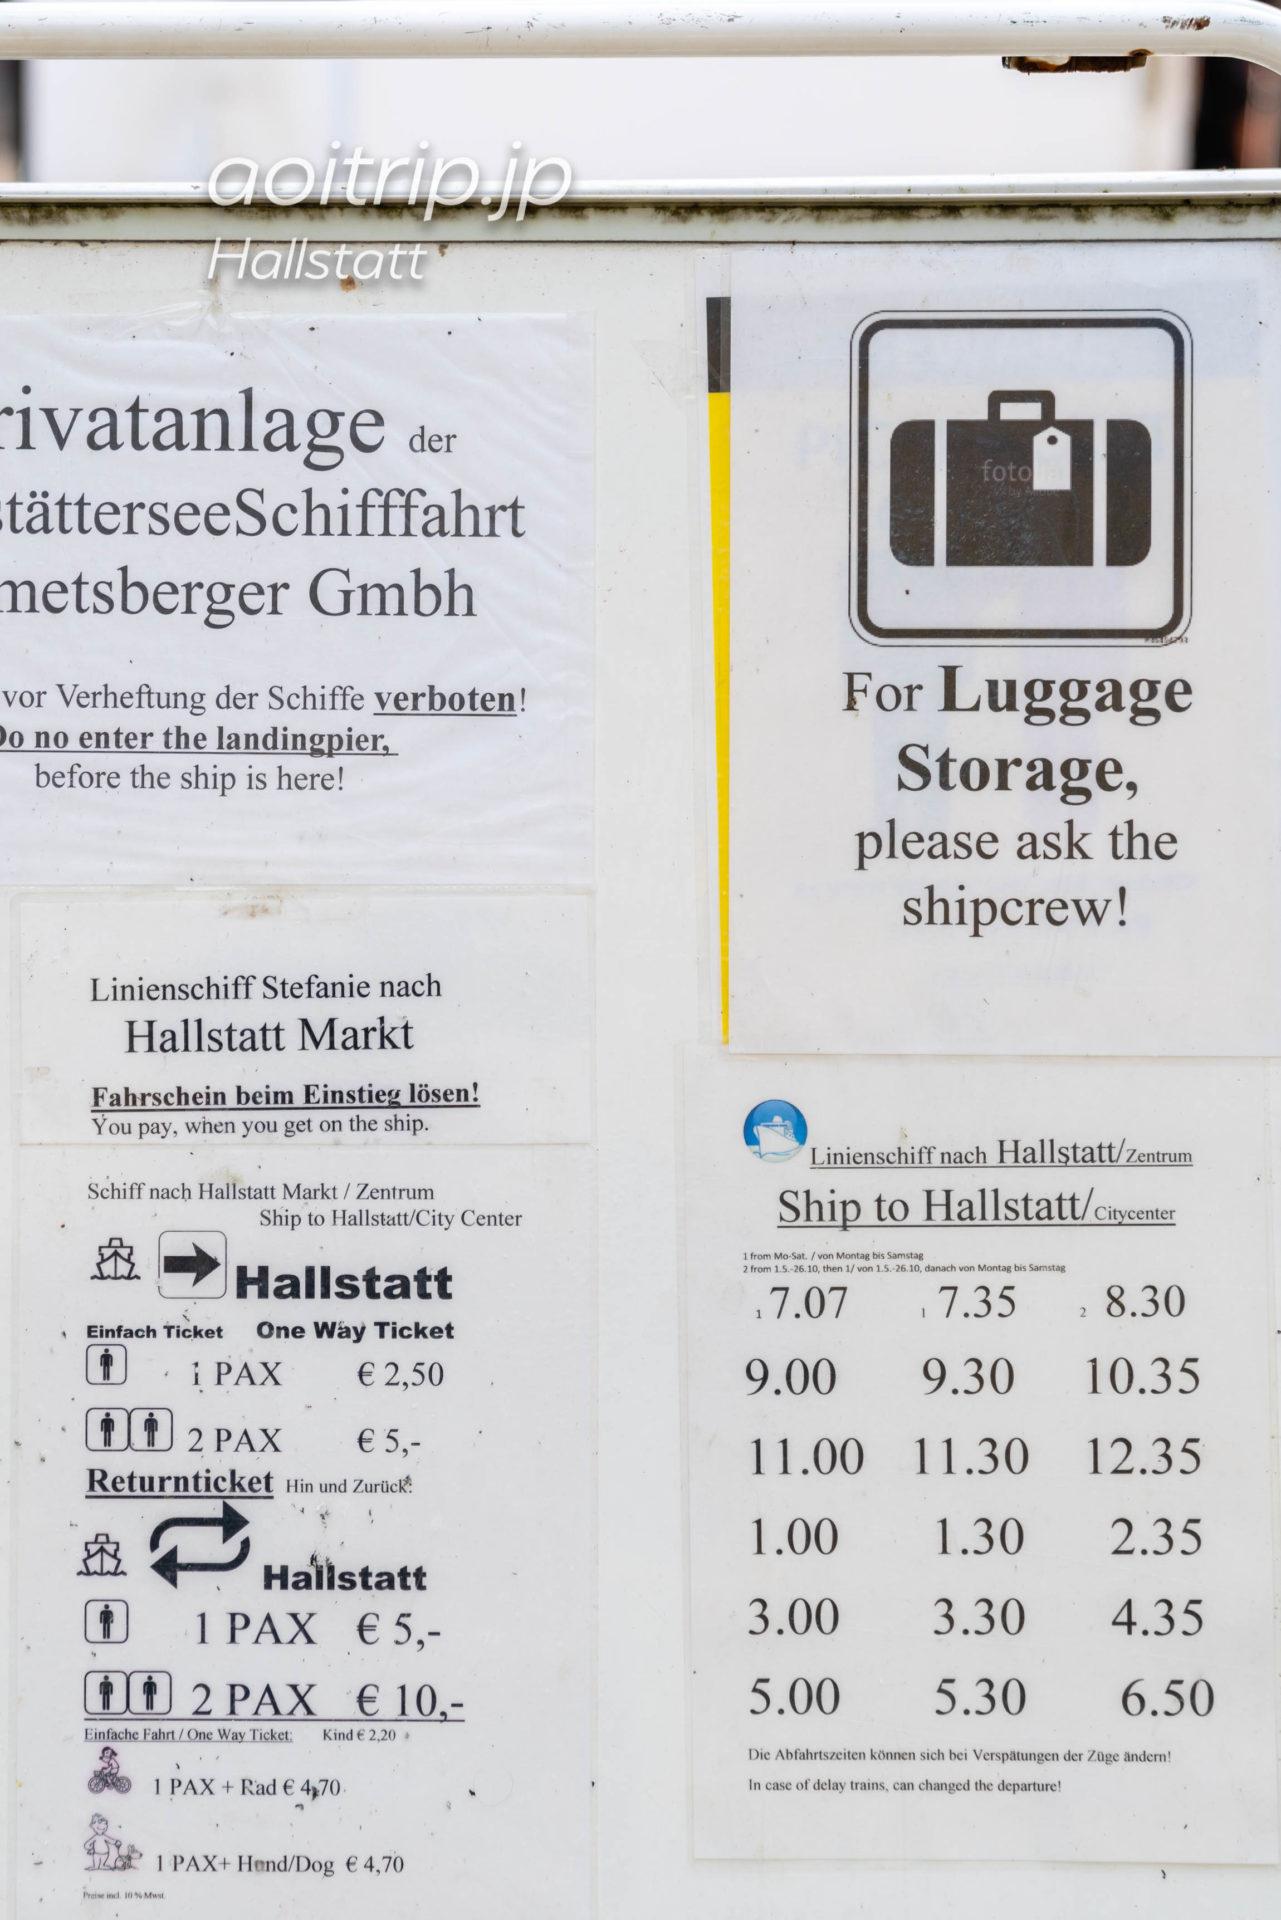 ハルシュタット湖の渡し船の時刻表(Hallstatt Bahnhof → ハルシュタット旧市街)